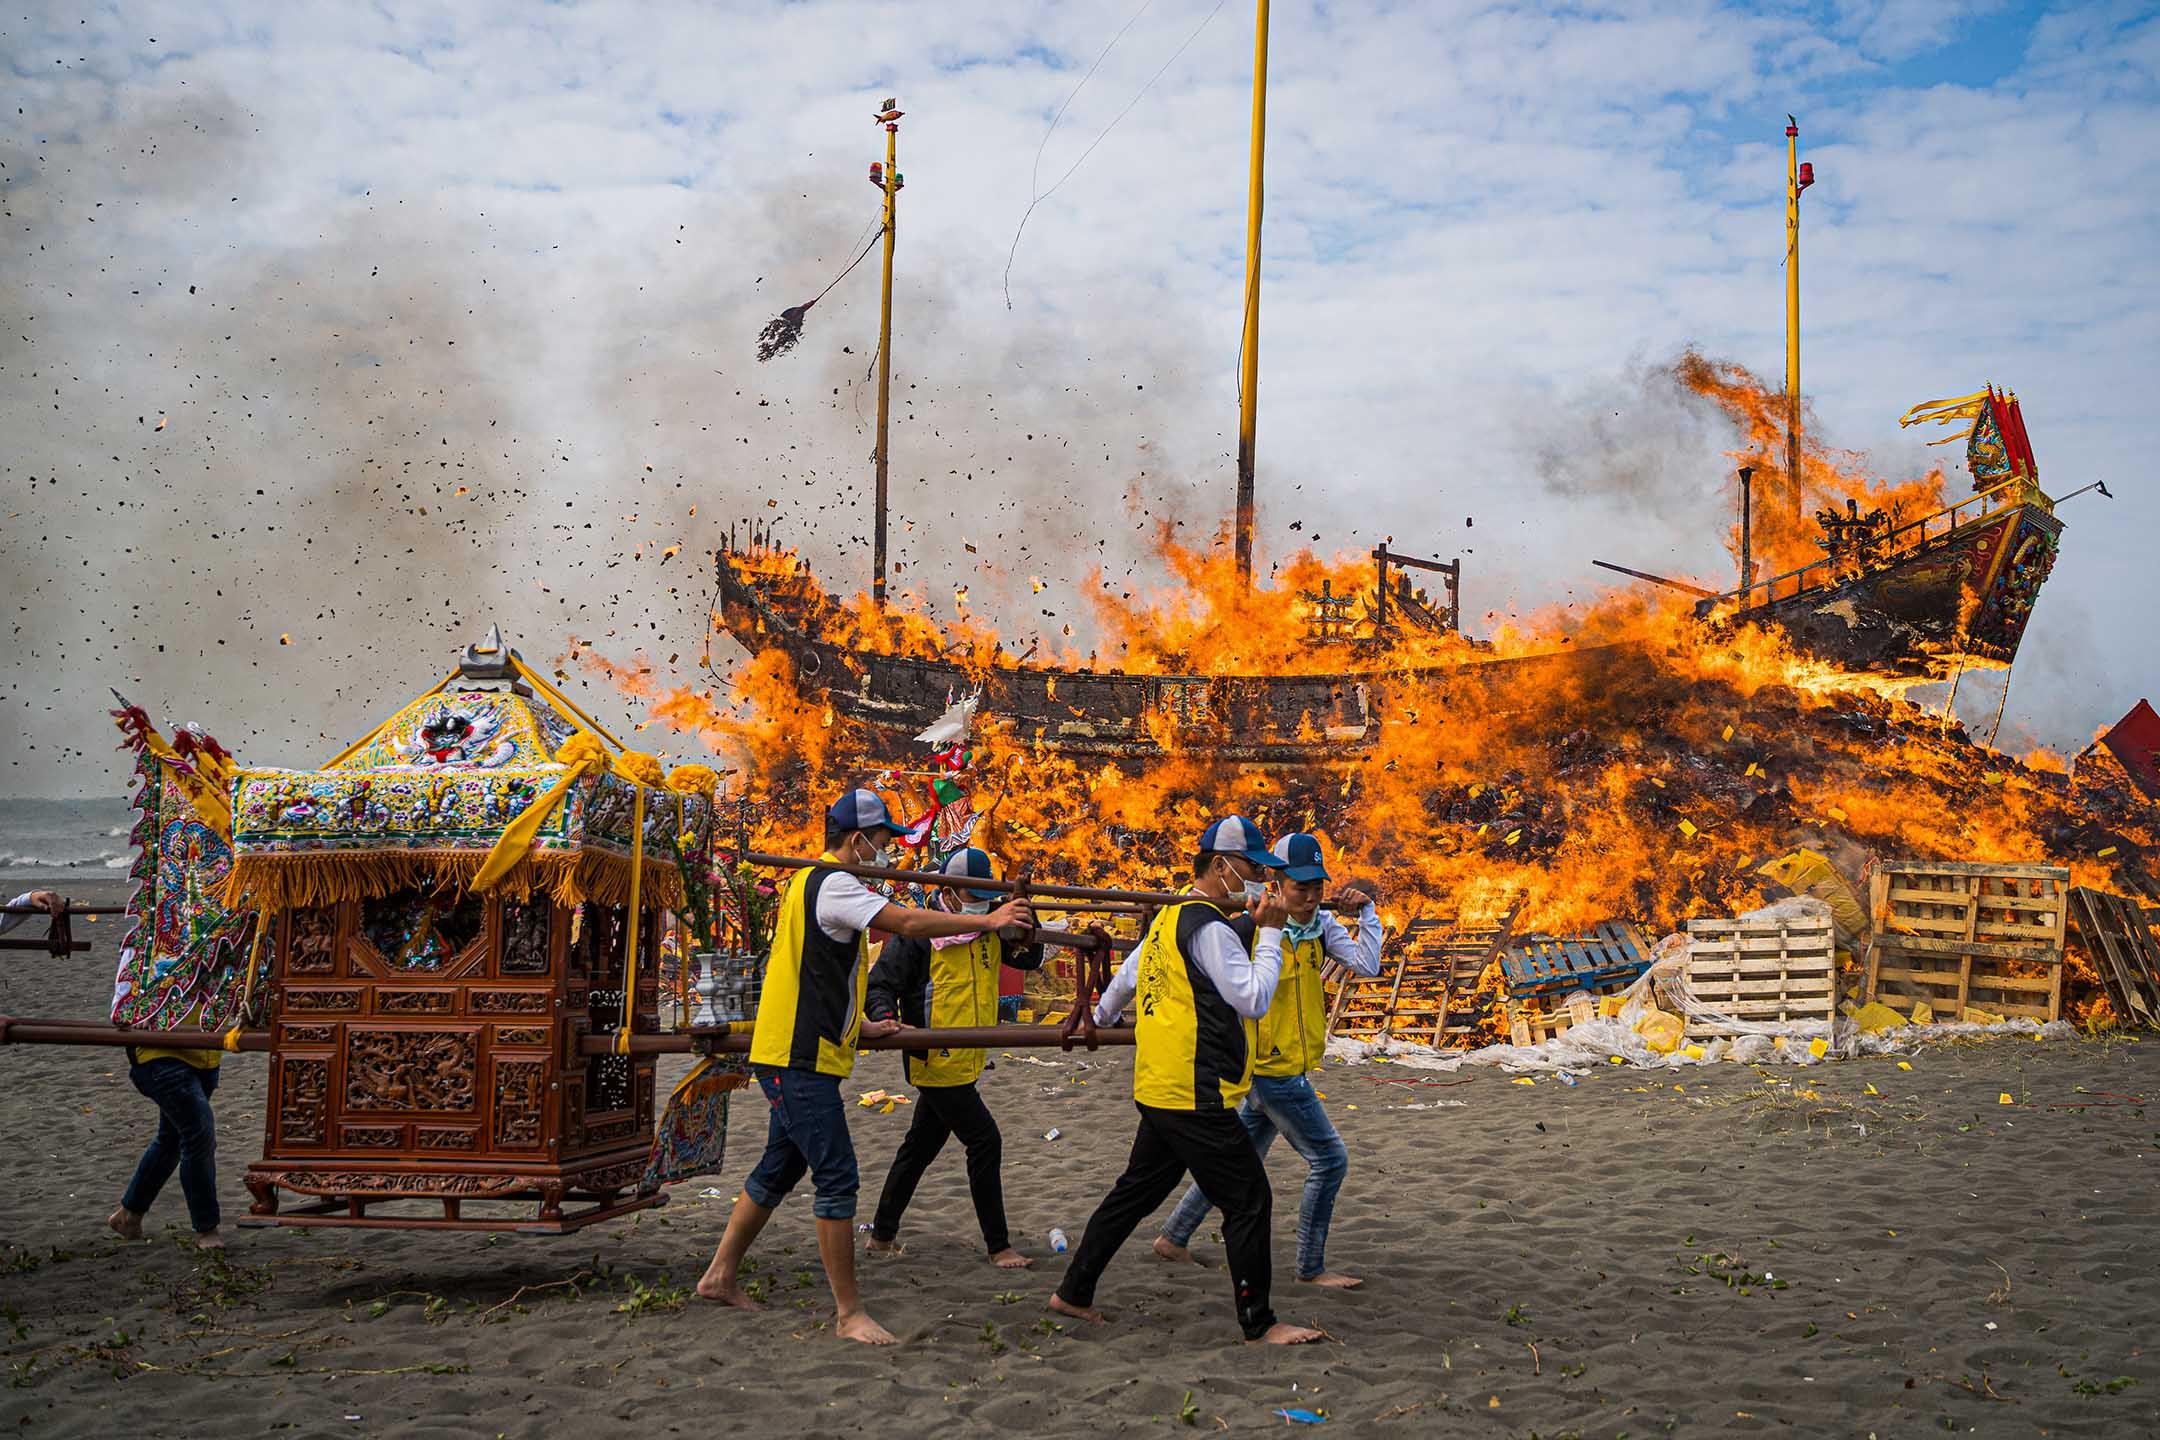 於大疫之年舉辦「王船醮」,祭典的最後,以焚燒王船形式「送王」為結尾。建醮人員表示,今年適逢Covid-19病毒肆虐全球,眾人特別祈求疫情早日遠離。 攝:唐佐欣/端傳媒